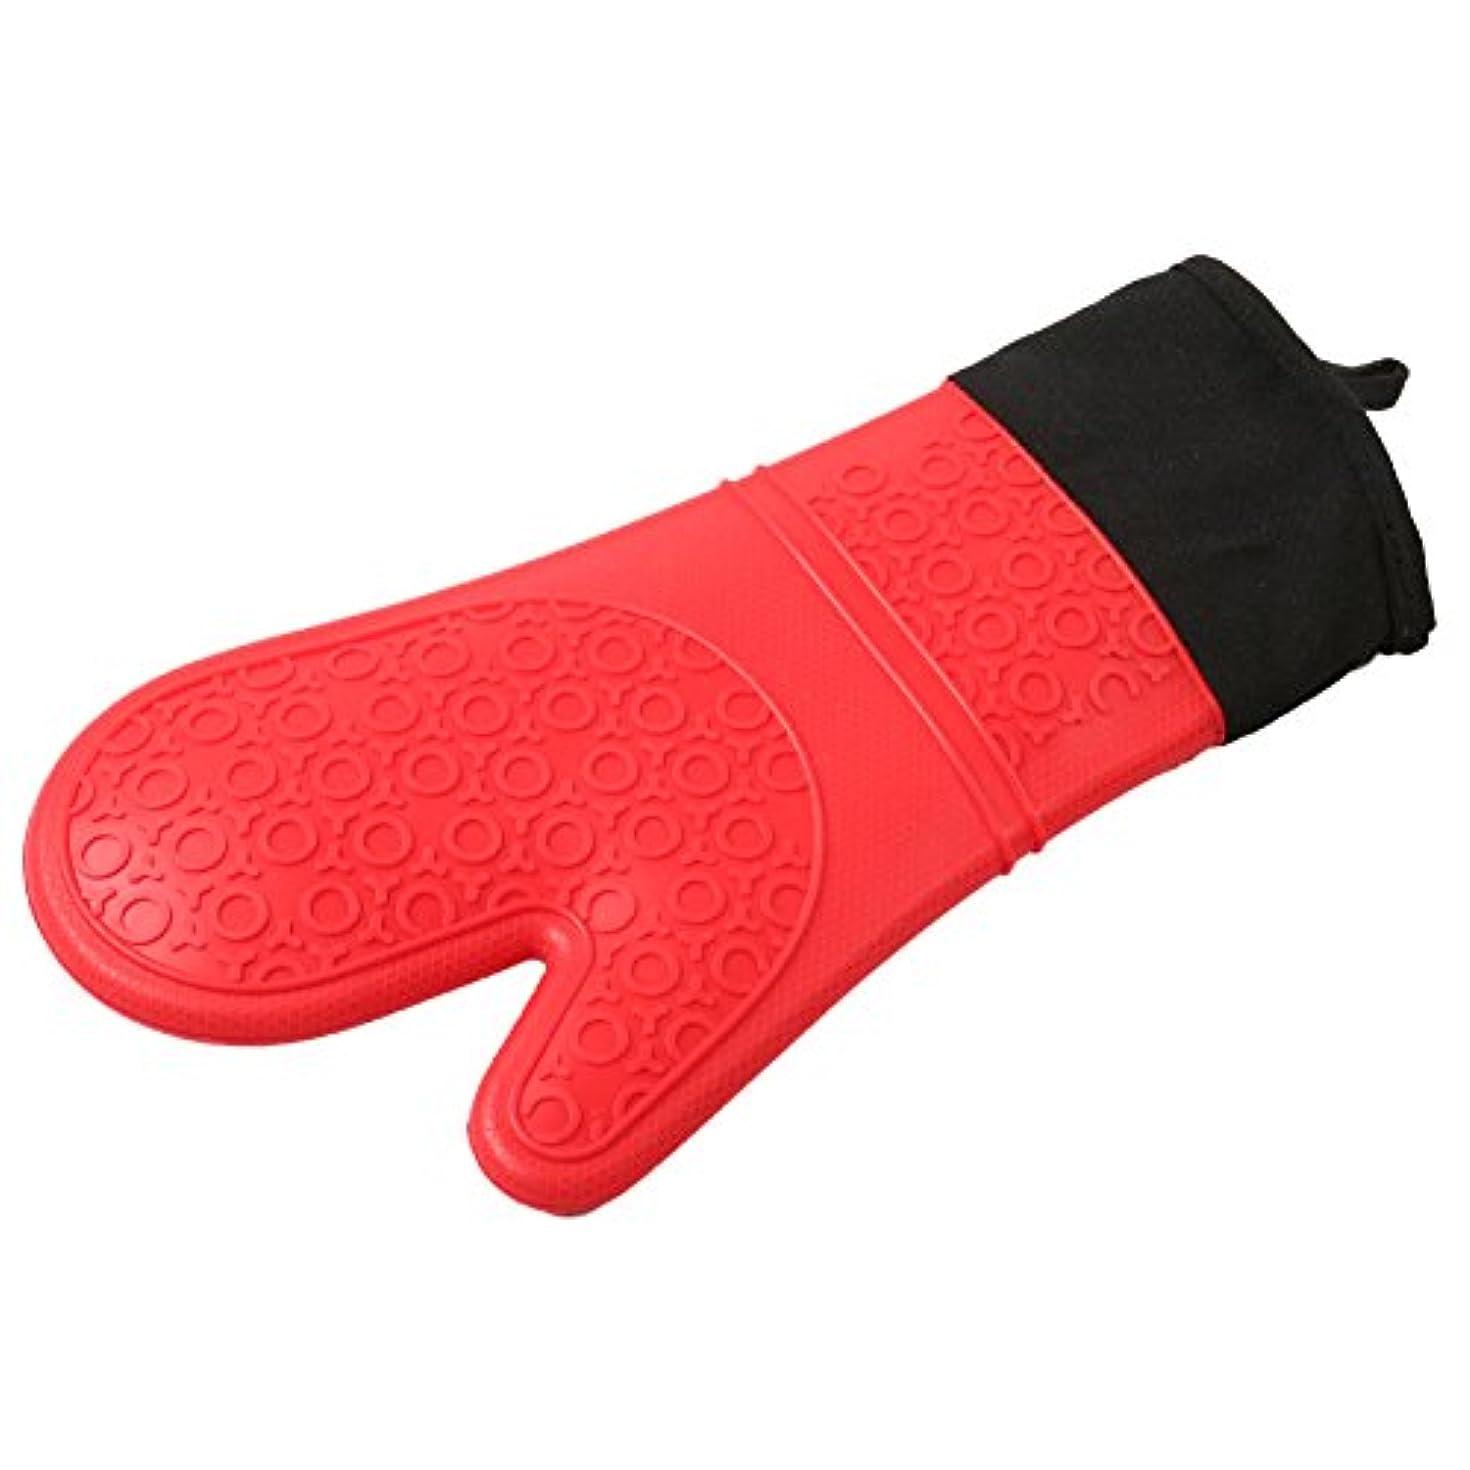 中級櫛私たちのものOUYOU 耐熱グローブ シリコンチェック 耐熱温度300℃ キッチングローブ オーブンミトン シリコン手袋 滑り止め クッキング用 フリーサイズ 2個セット